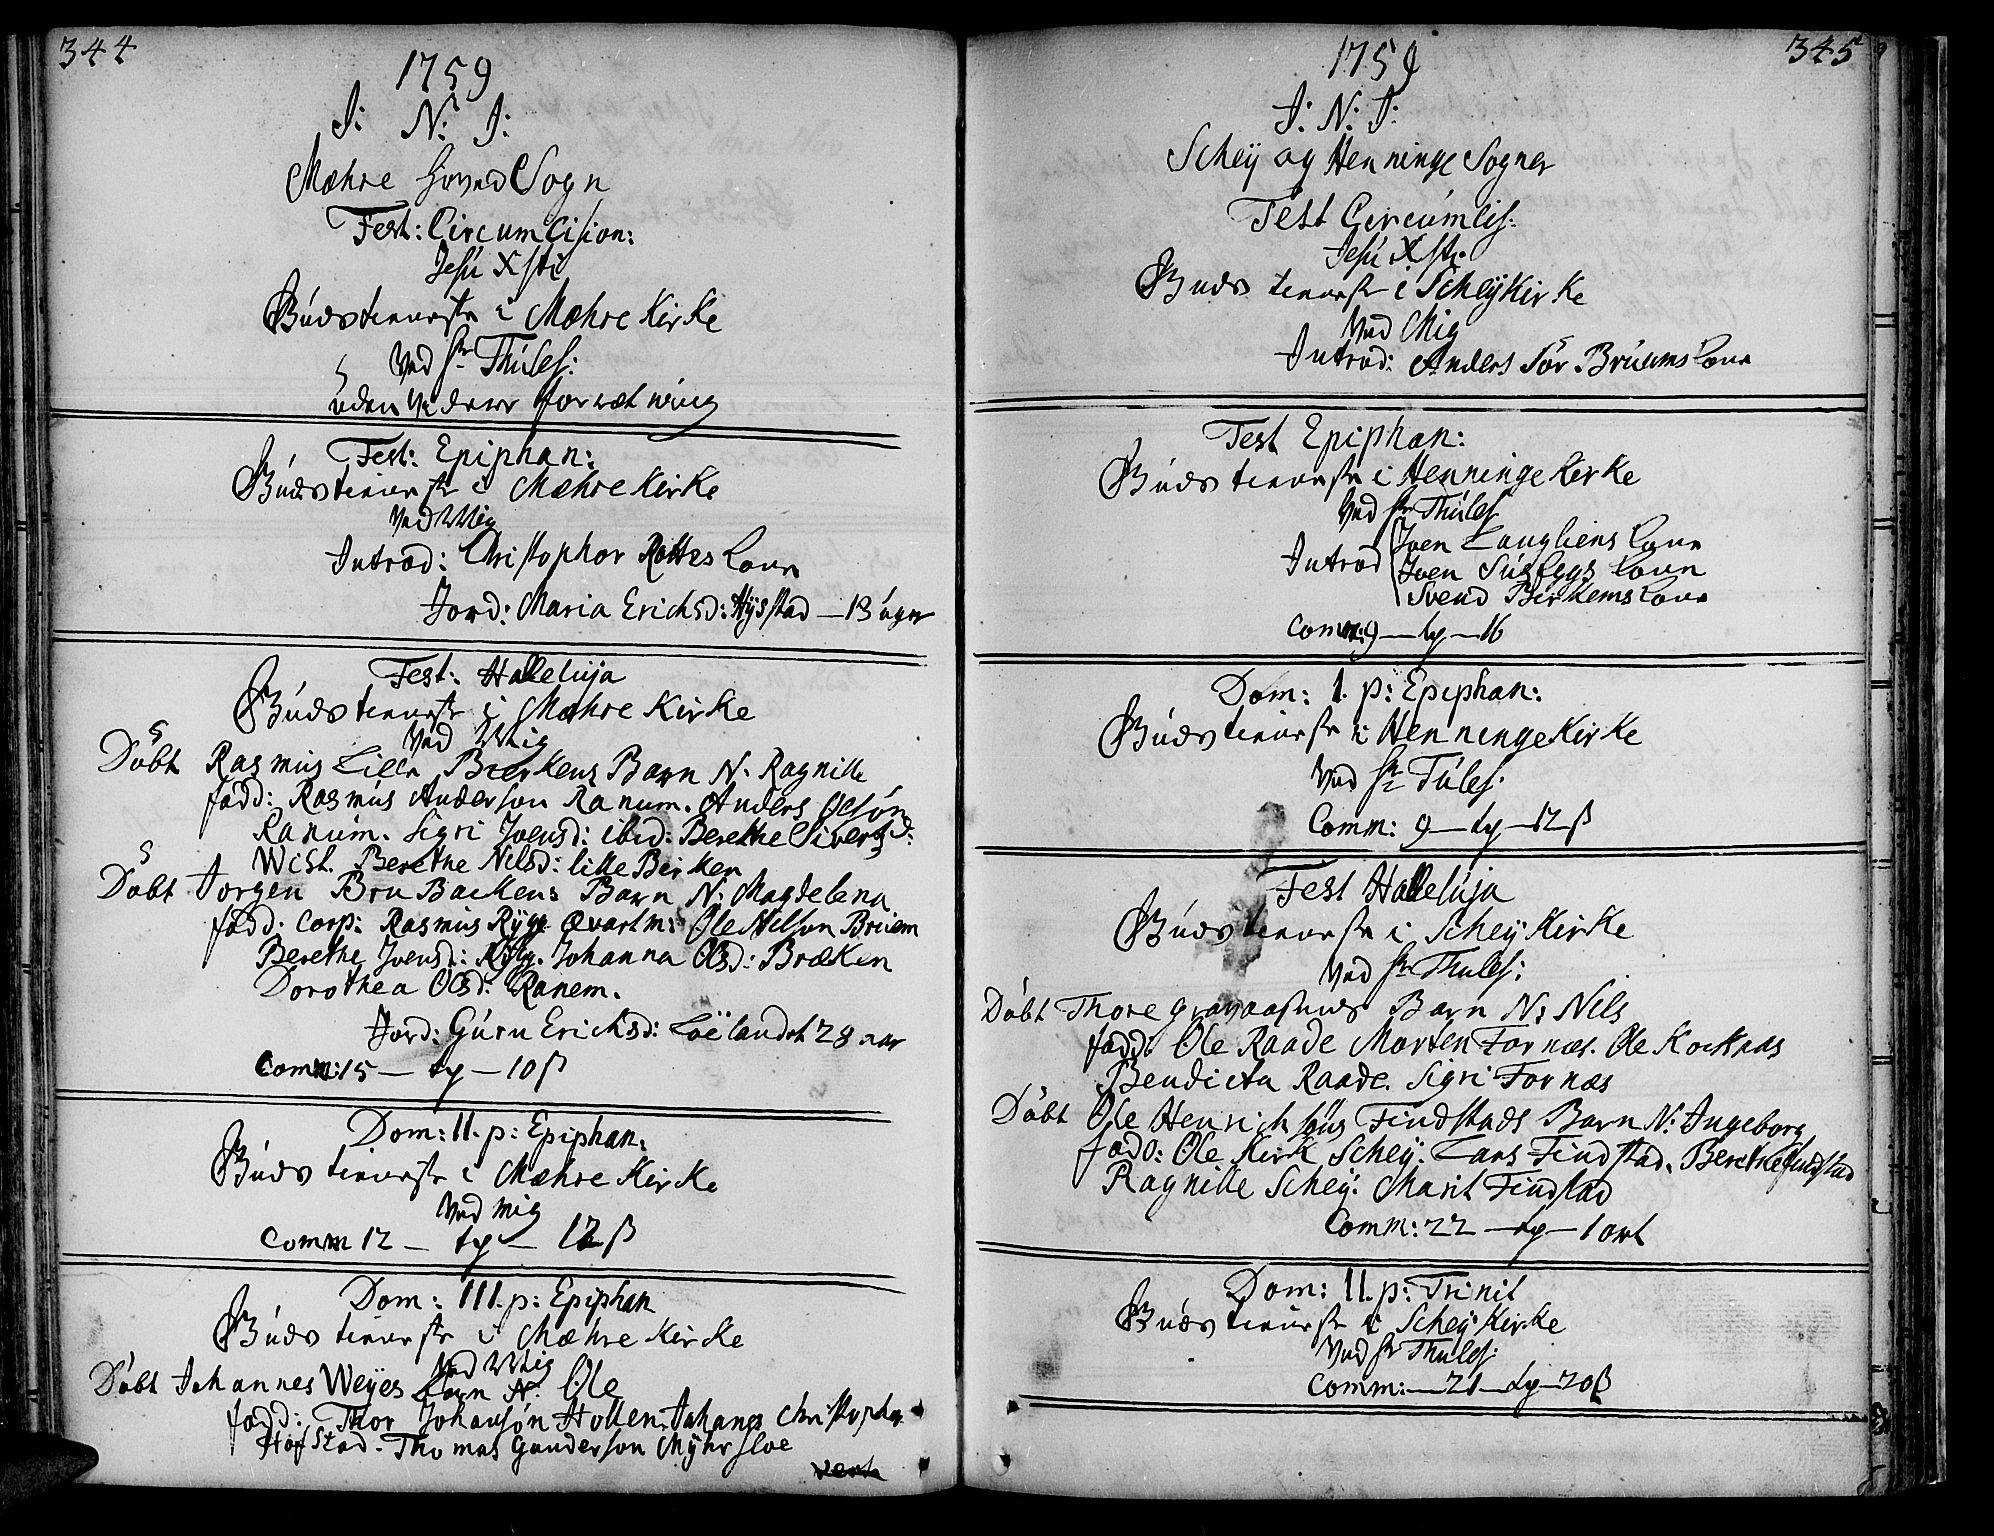 SAT, Ministerialprotokoller, klokkerbøker og fødselsregistre - Nord-Trøndelag, 735/L0330: Ministerialbok nr. 735A01, 1740-1766, s. 344-345